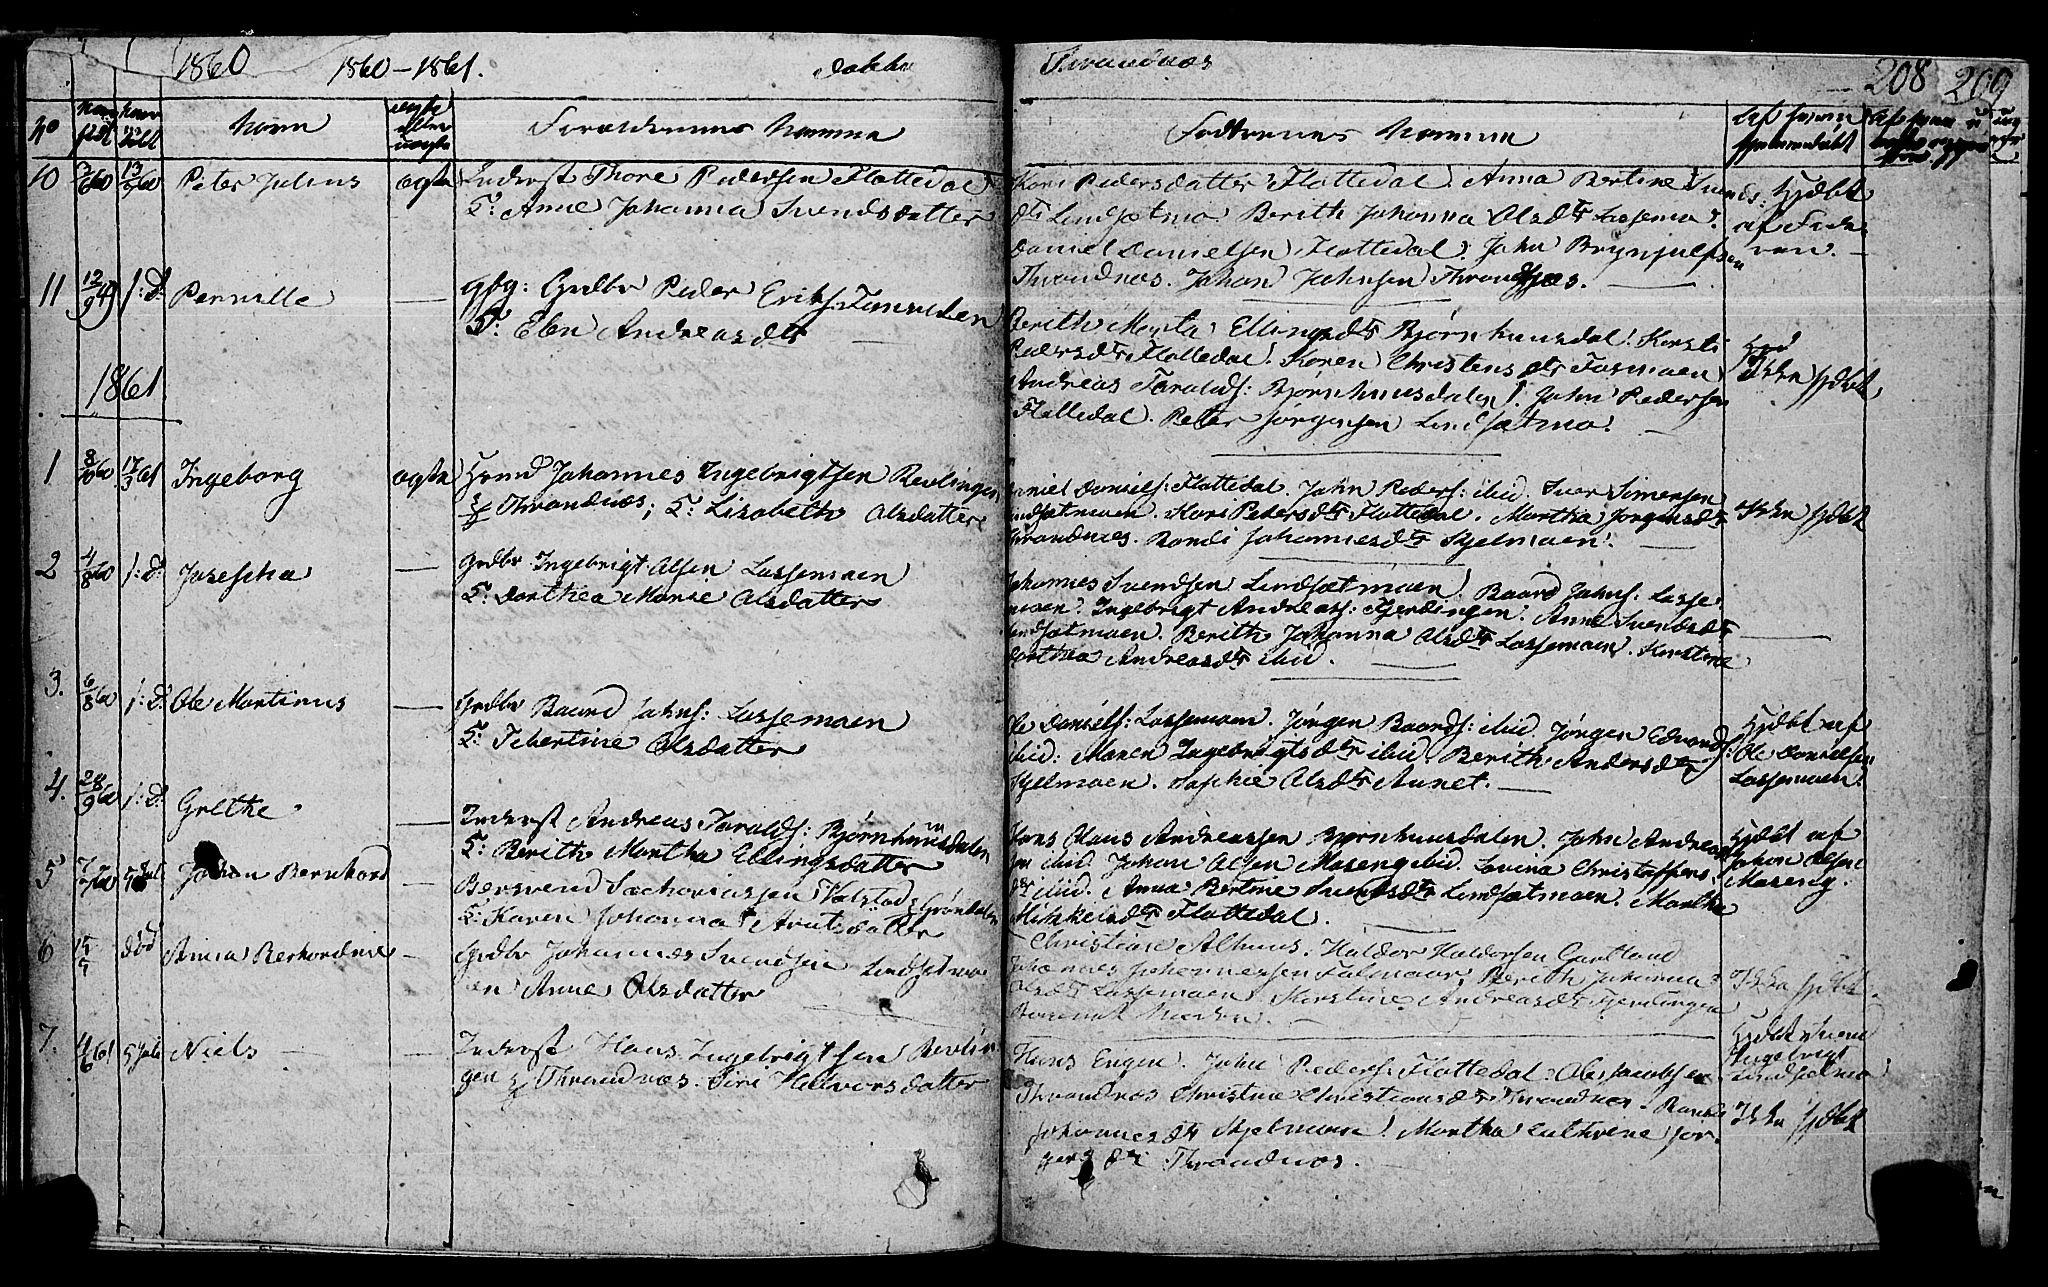 SAT, Ministerialprotokoller, klokkerbøker og fødselsregistre - Nord-Trøndelag, 762/L0538: Ministerialbok nr. 762A02 /2, 1833-1879, s. 208